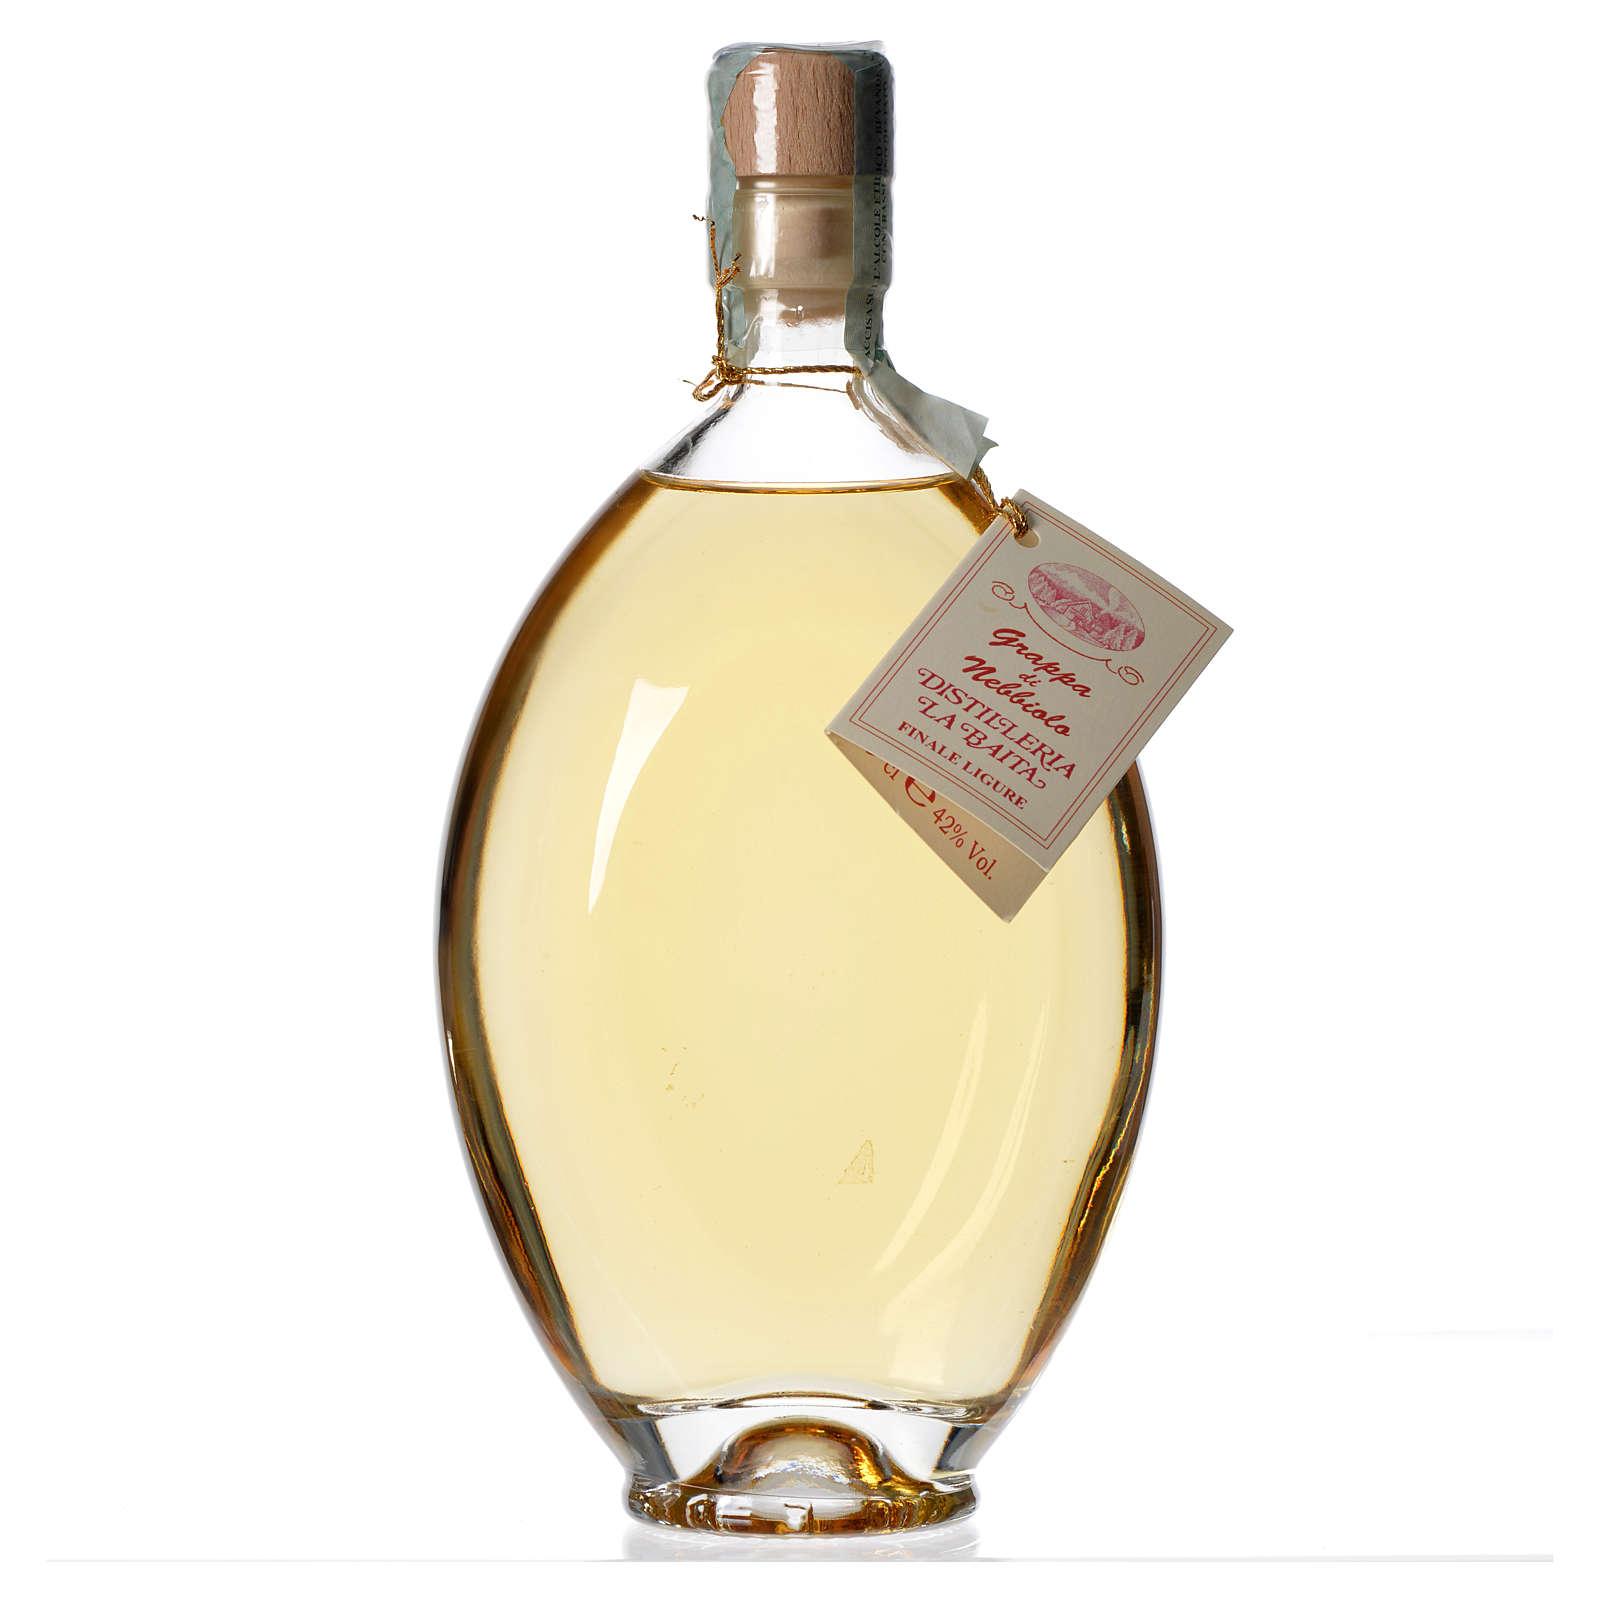 Grappa di Nebbiolo 500 ml Finale Ligure 3